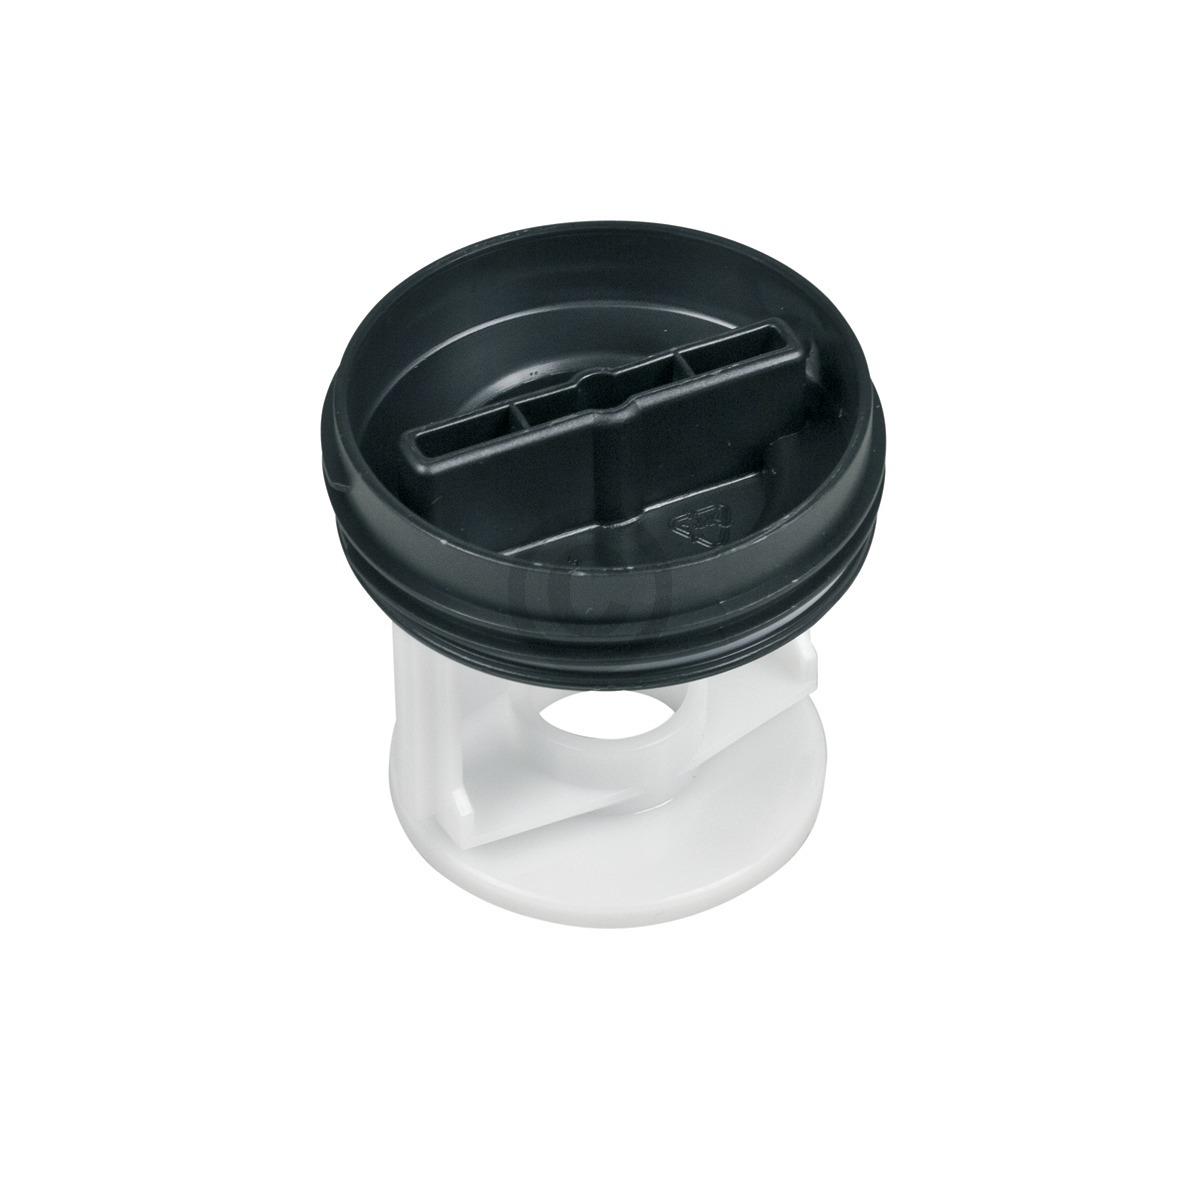 Flusensiebeinsatz Bosch 00172339 für Copreci Ablaufpumpe Waschmaschine